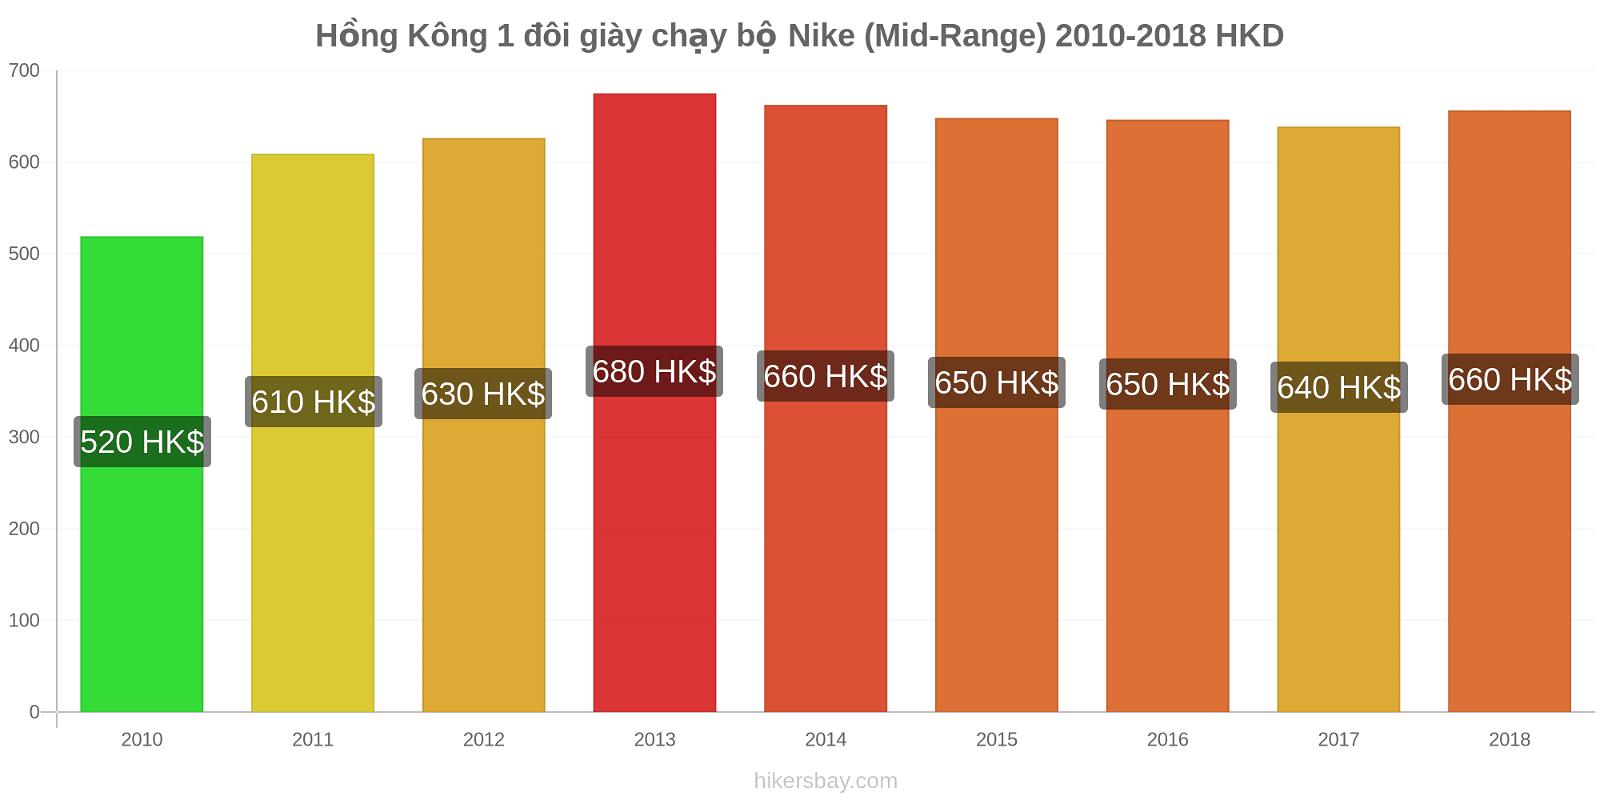 Hồng Kông thay đổi giá 1 đôi giày chạy bộ Nike (Mid-Range) hikersbay.com